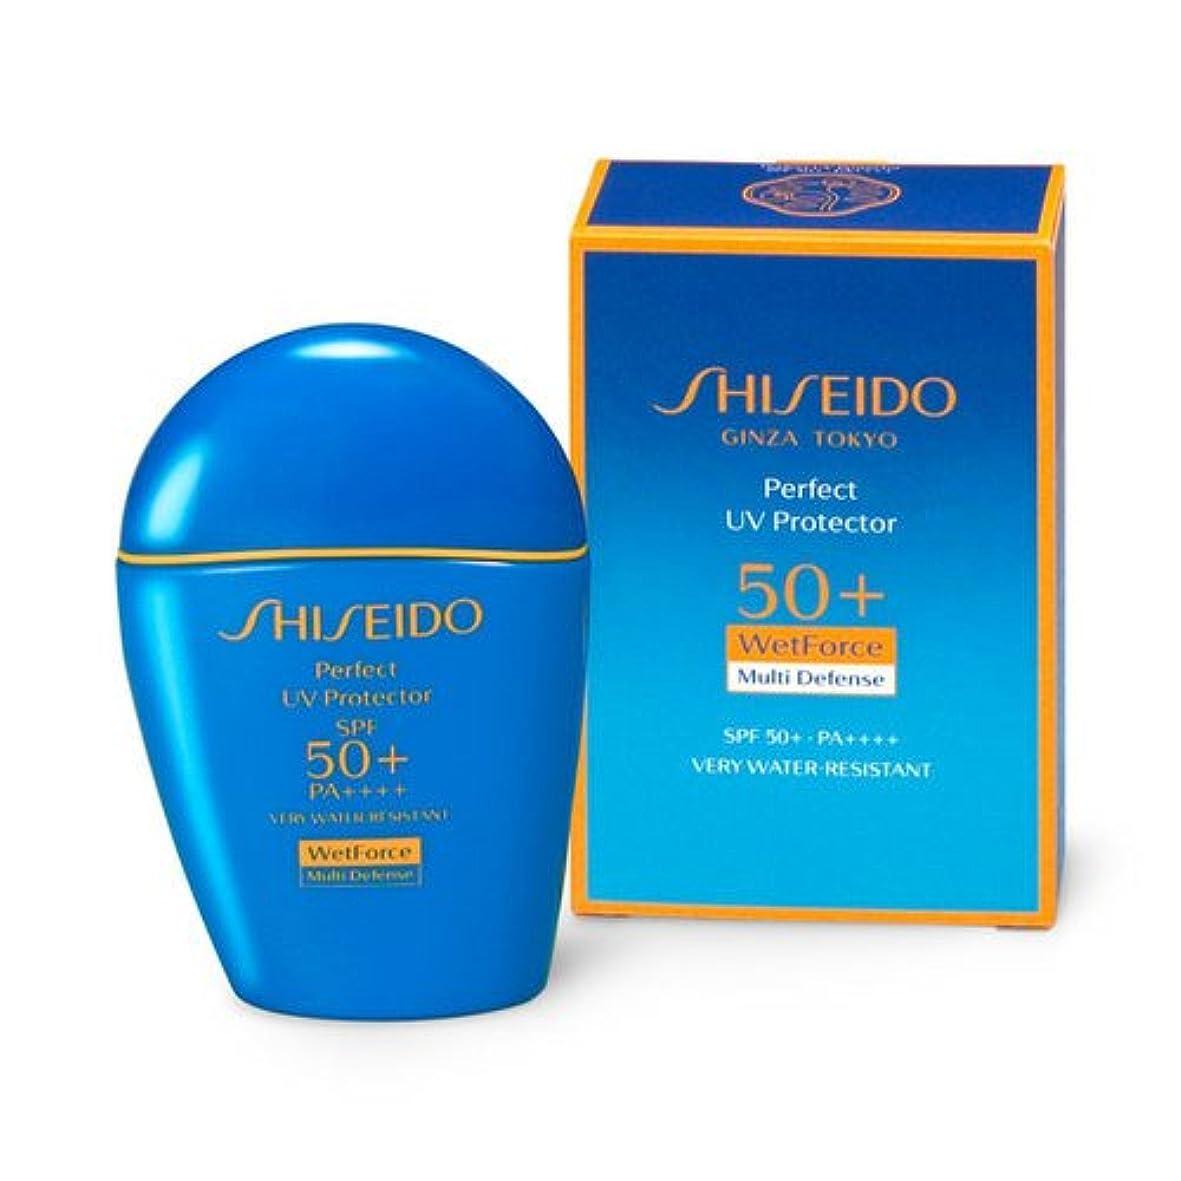 疑わしい製品伴うSHISEIDO Suncare(資生堂 サンケア) SHISEIDO(資生堂) パーフェクト UVプロテクター 50mL